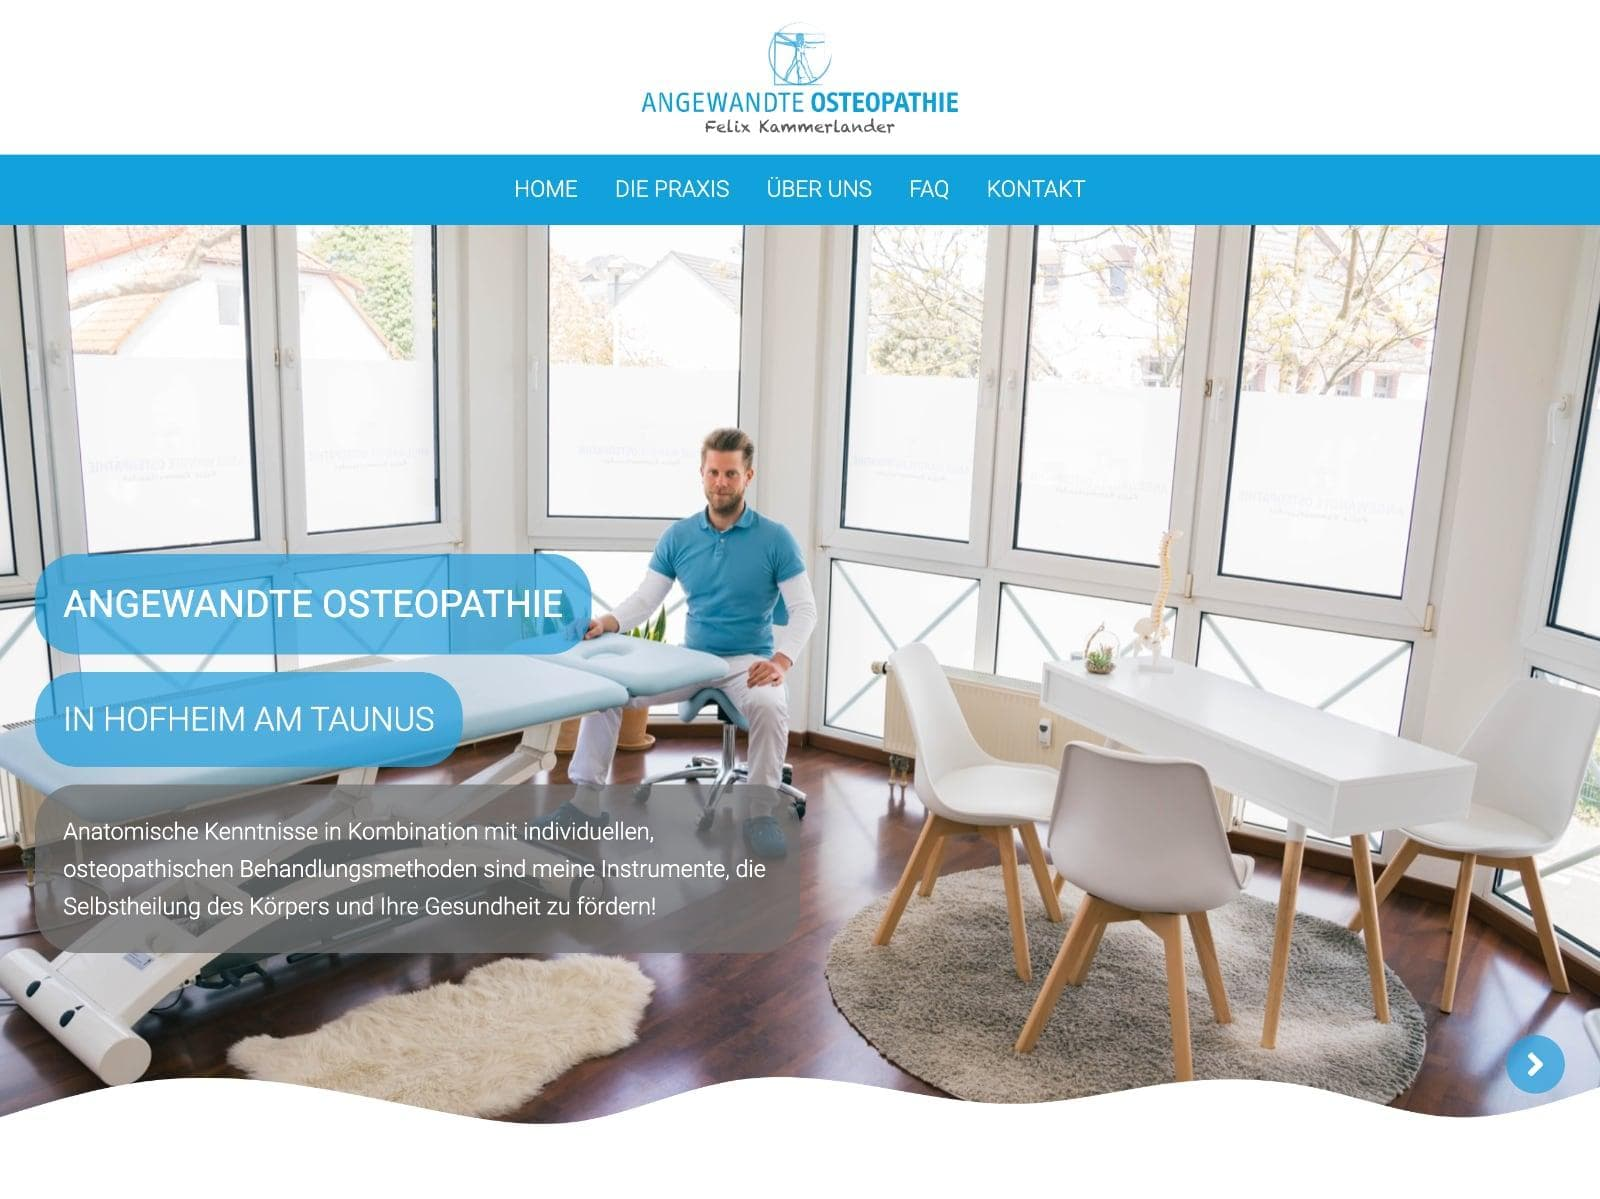 Einladendes Wohlfühlambiente beginnt mit entsprechendem Webdesign